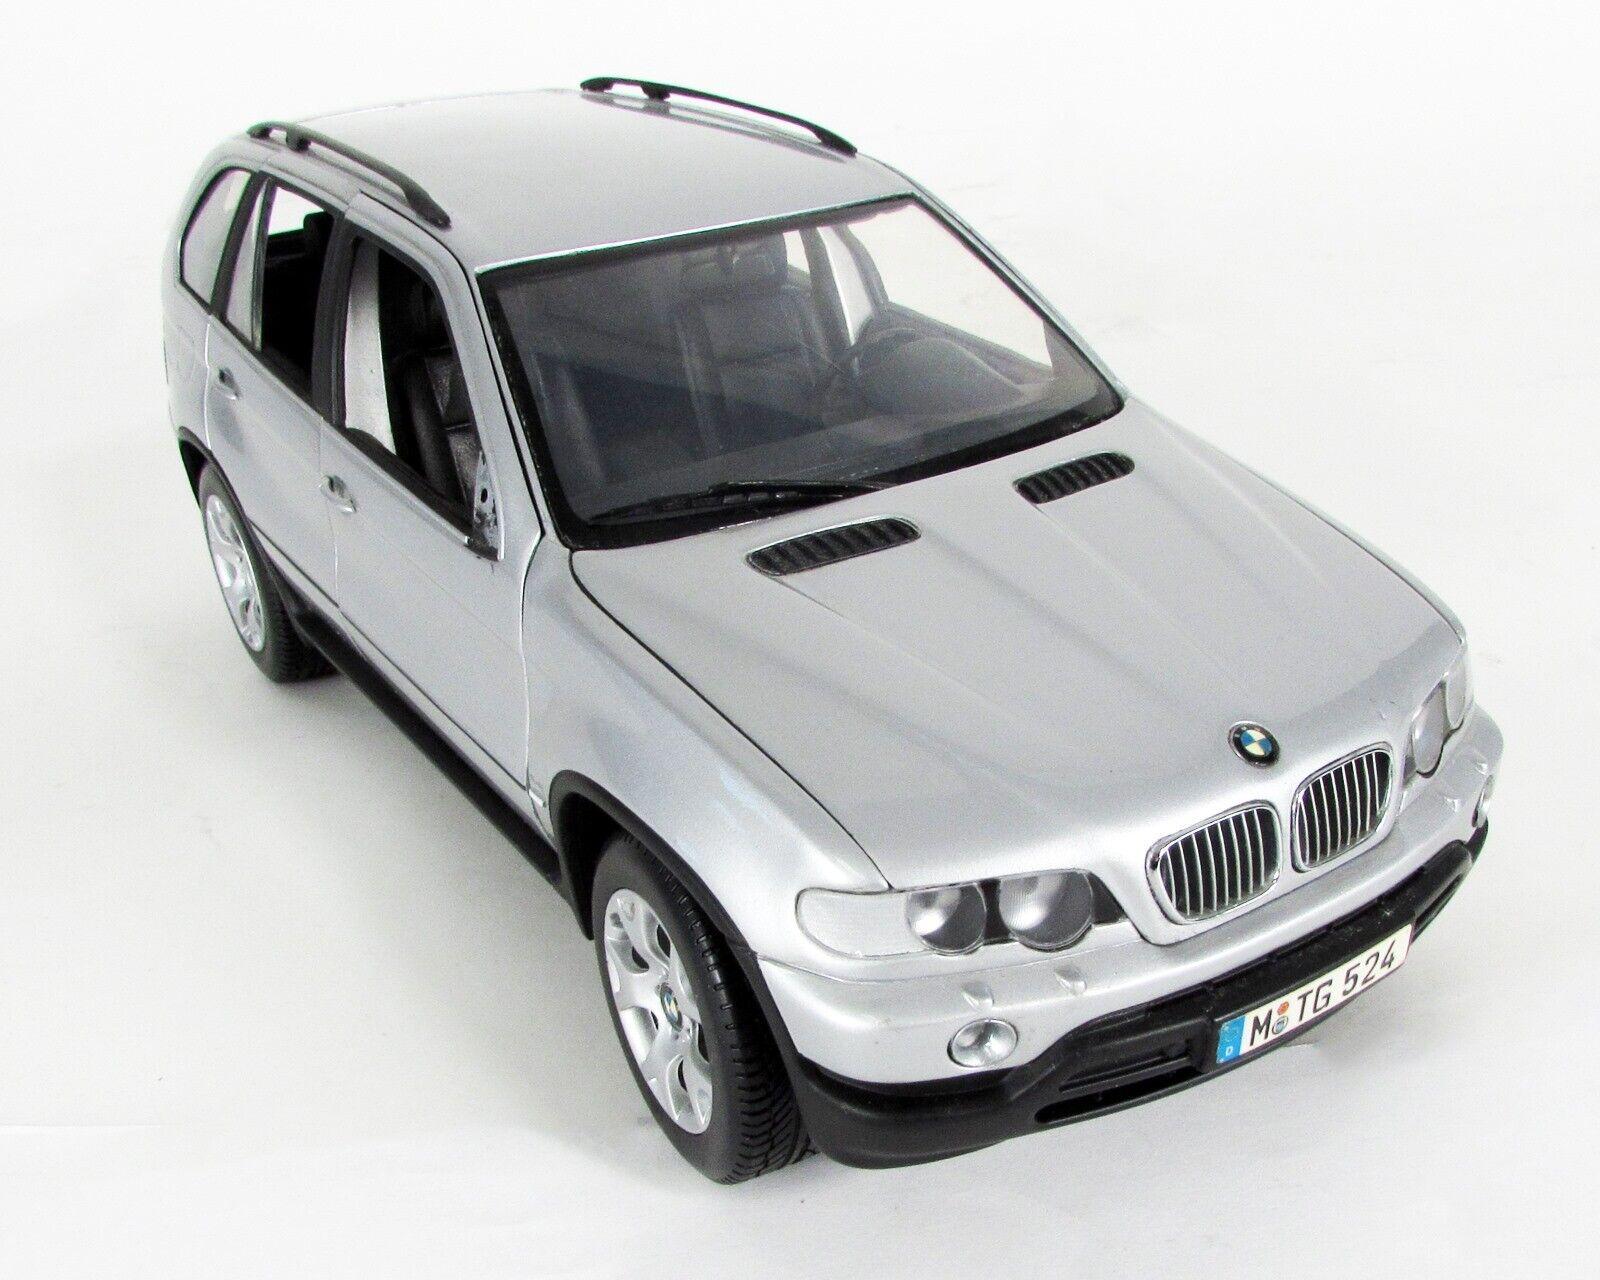 Kyosho - BMW X5, 1 18 Scale Diecast Metal Model Car